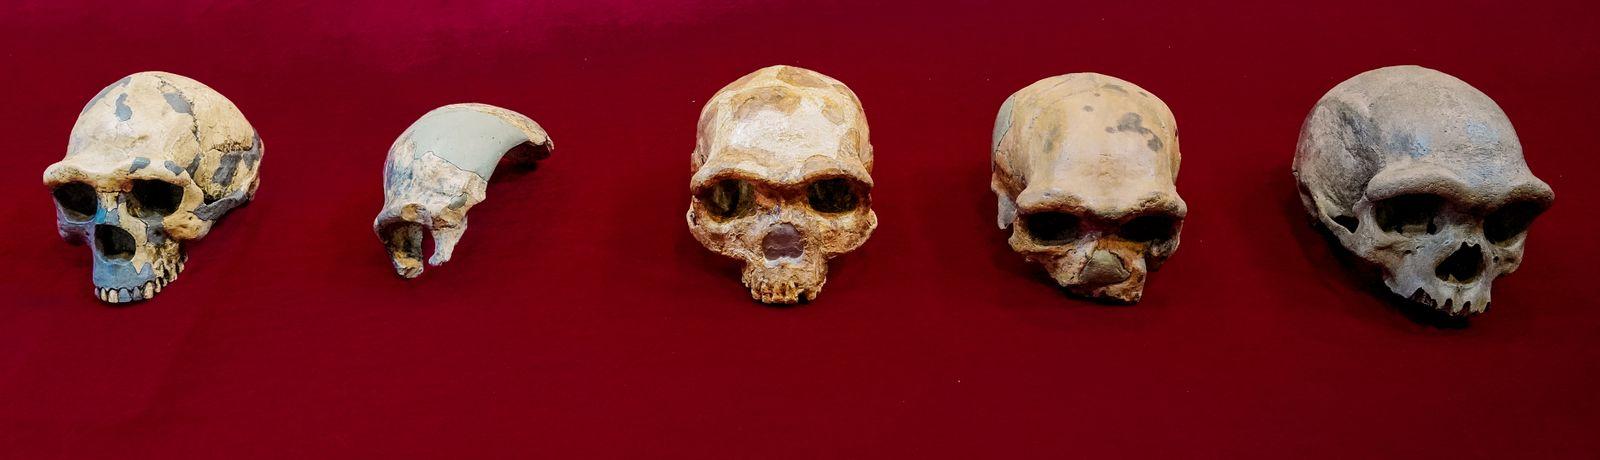 Dossier: Ist der Neandertaler doch nicht der nächste Verwandte de